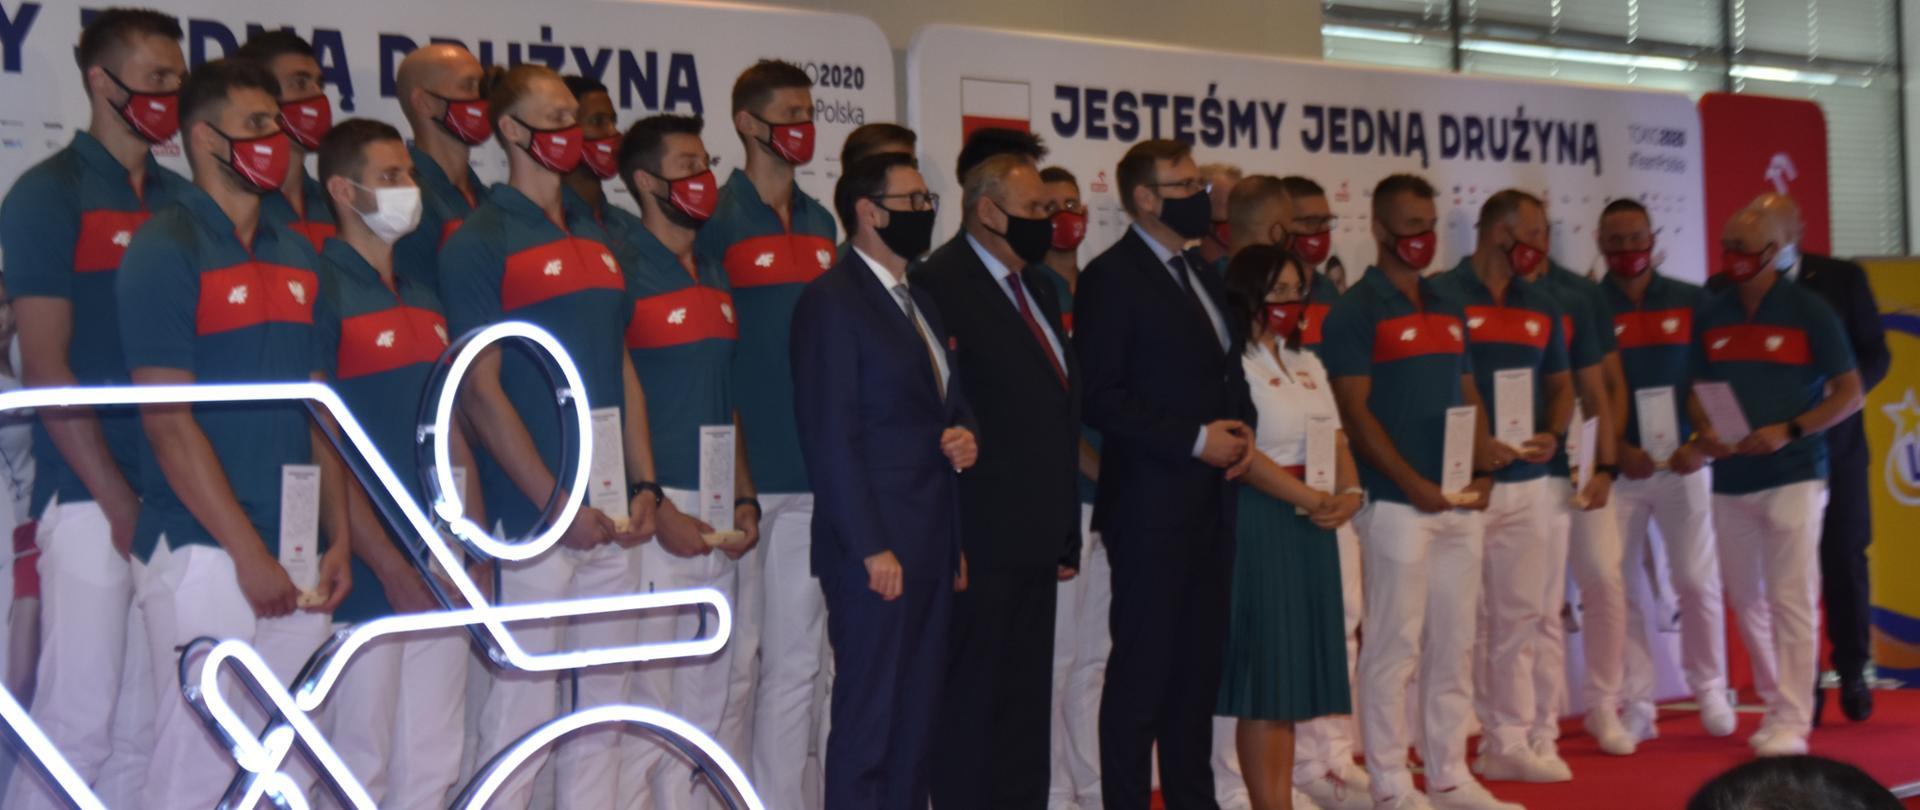 Uczestnicy uroczystości wręczenia nominacji olimpijskich